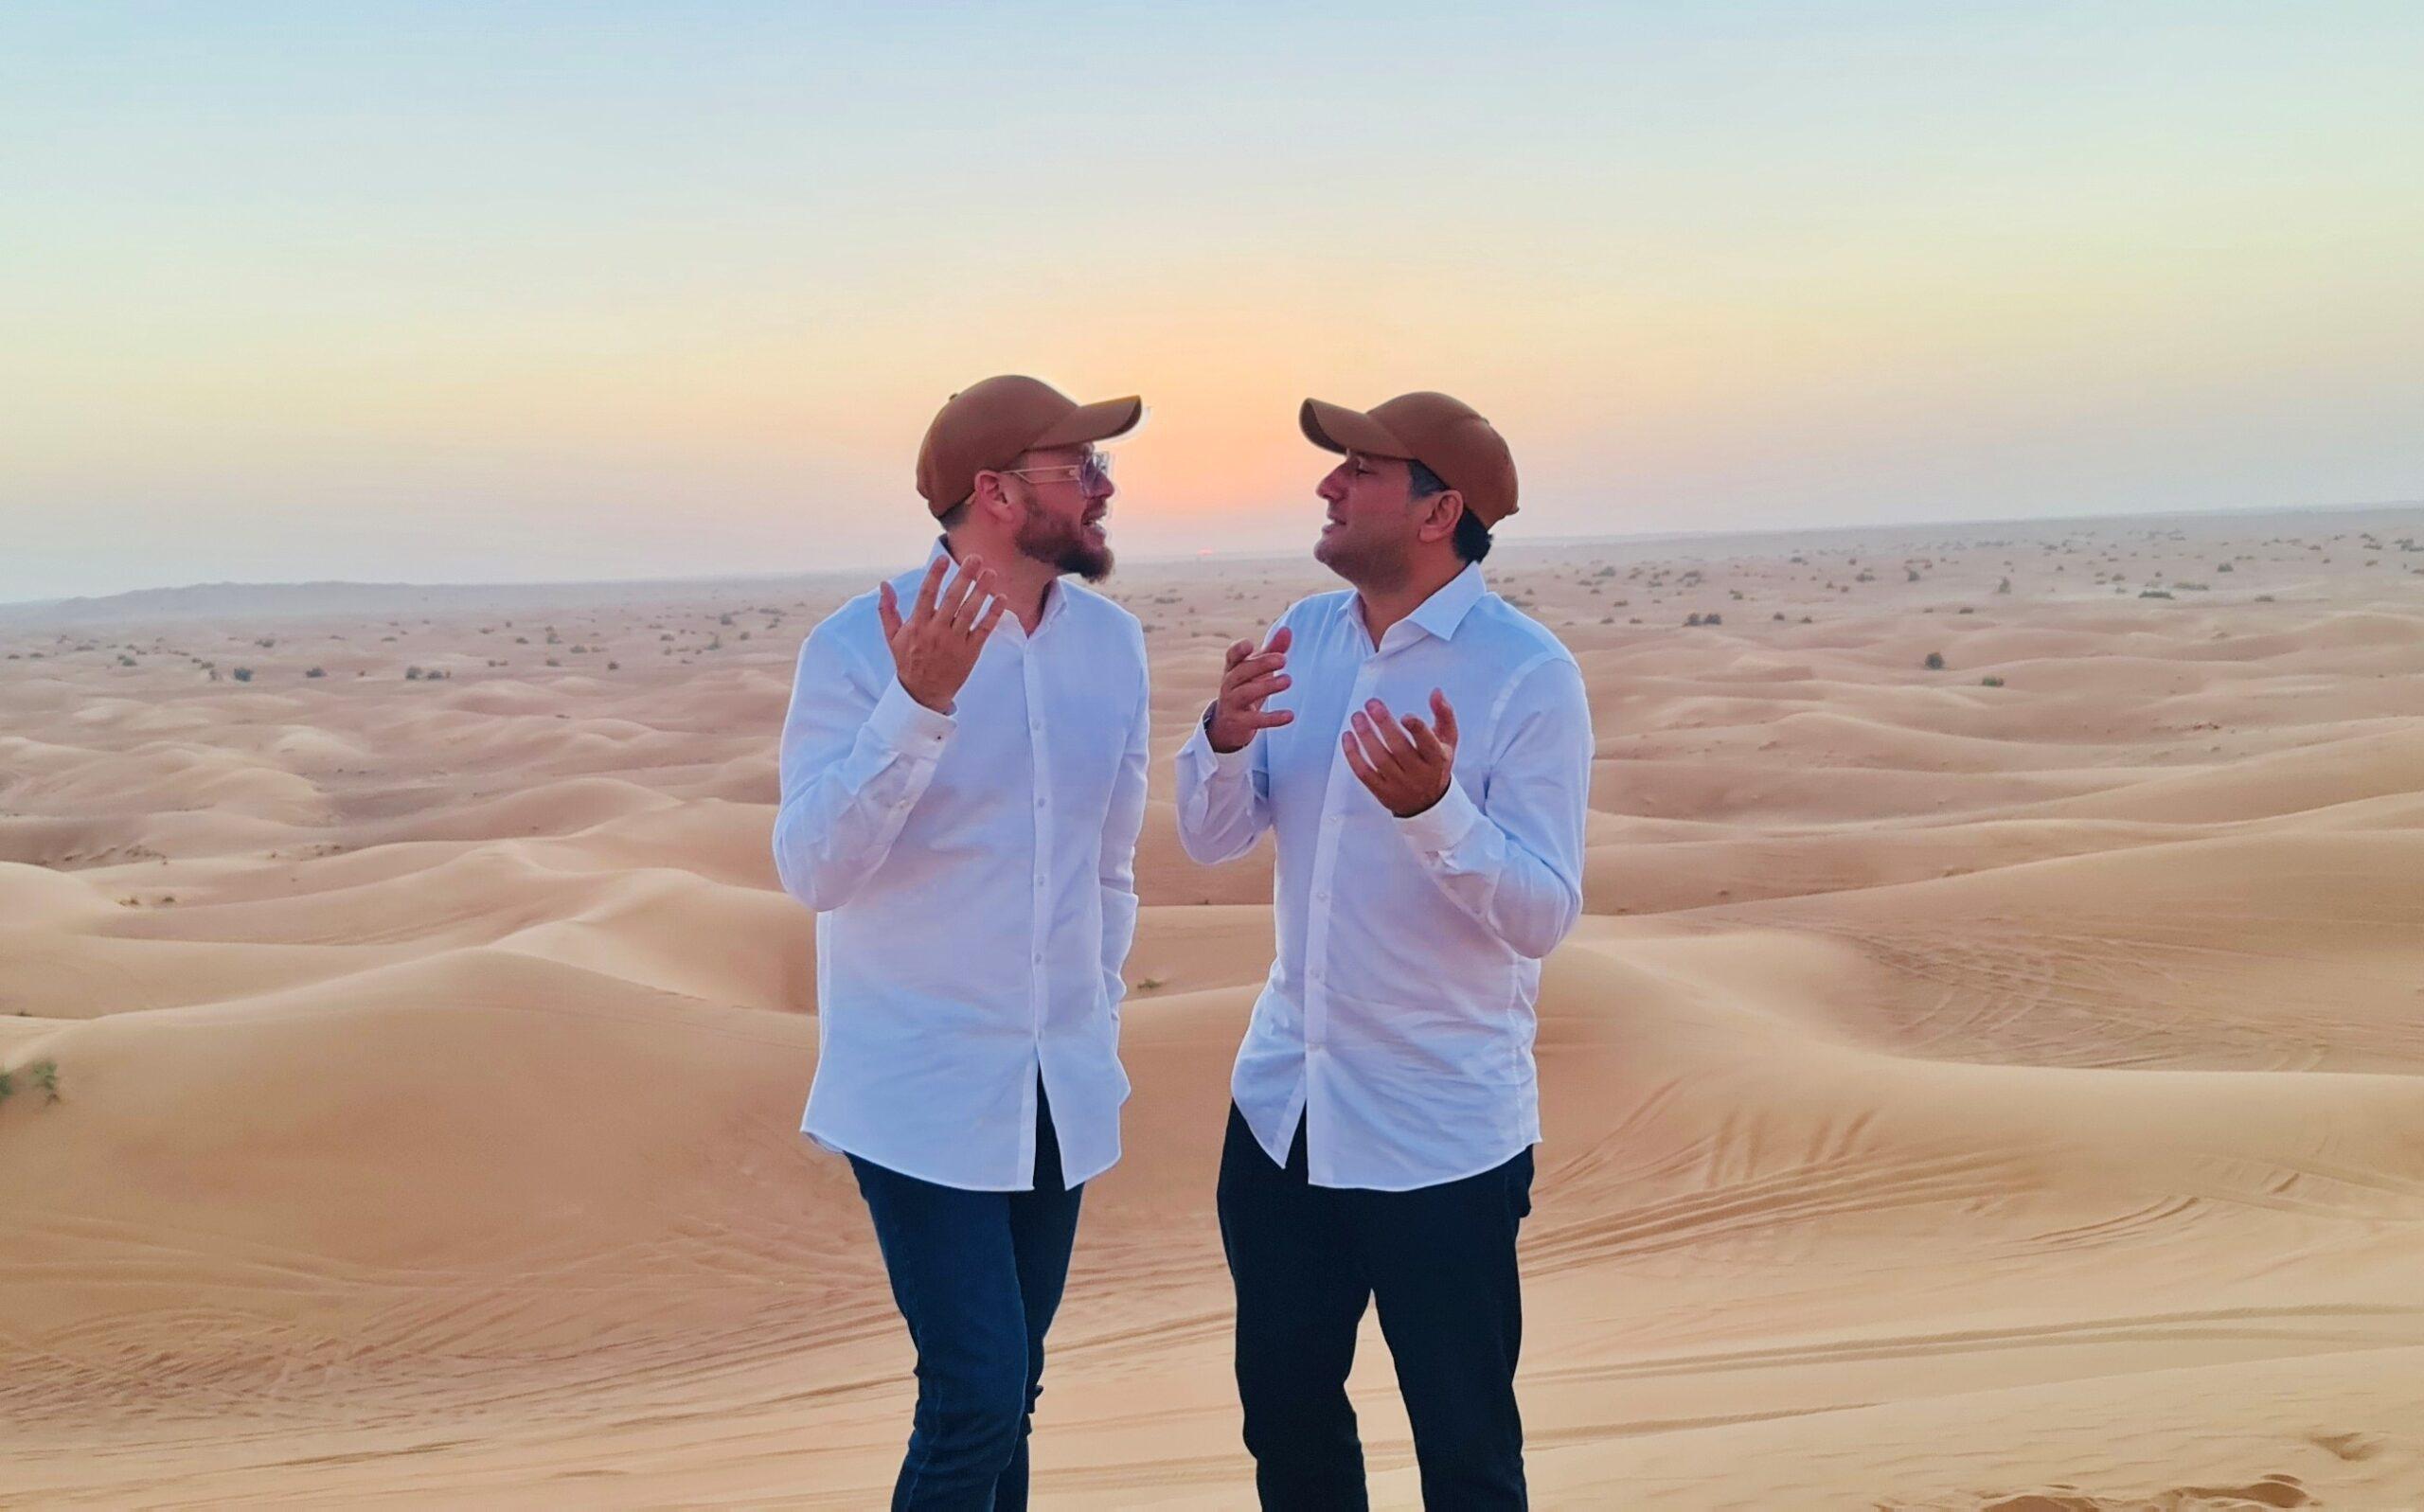 שוקי סלומון וחיים ישראל שרים בדובאי: 'שירת הבקשות' 9